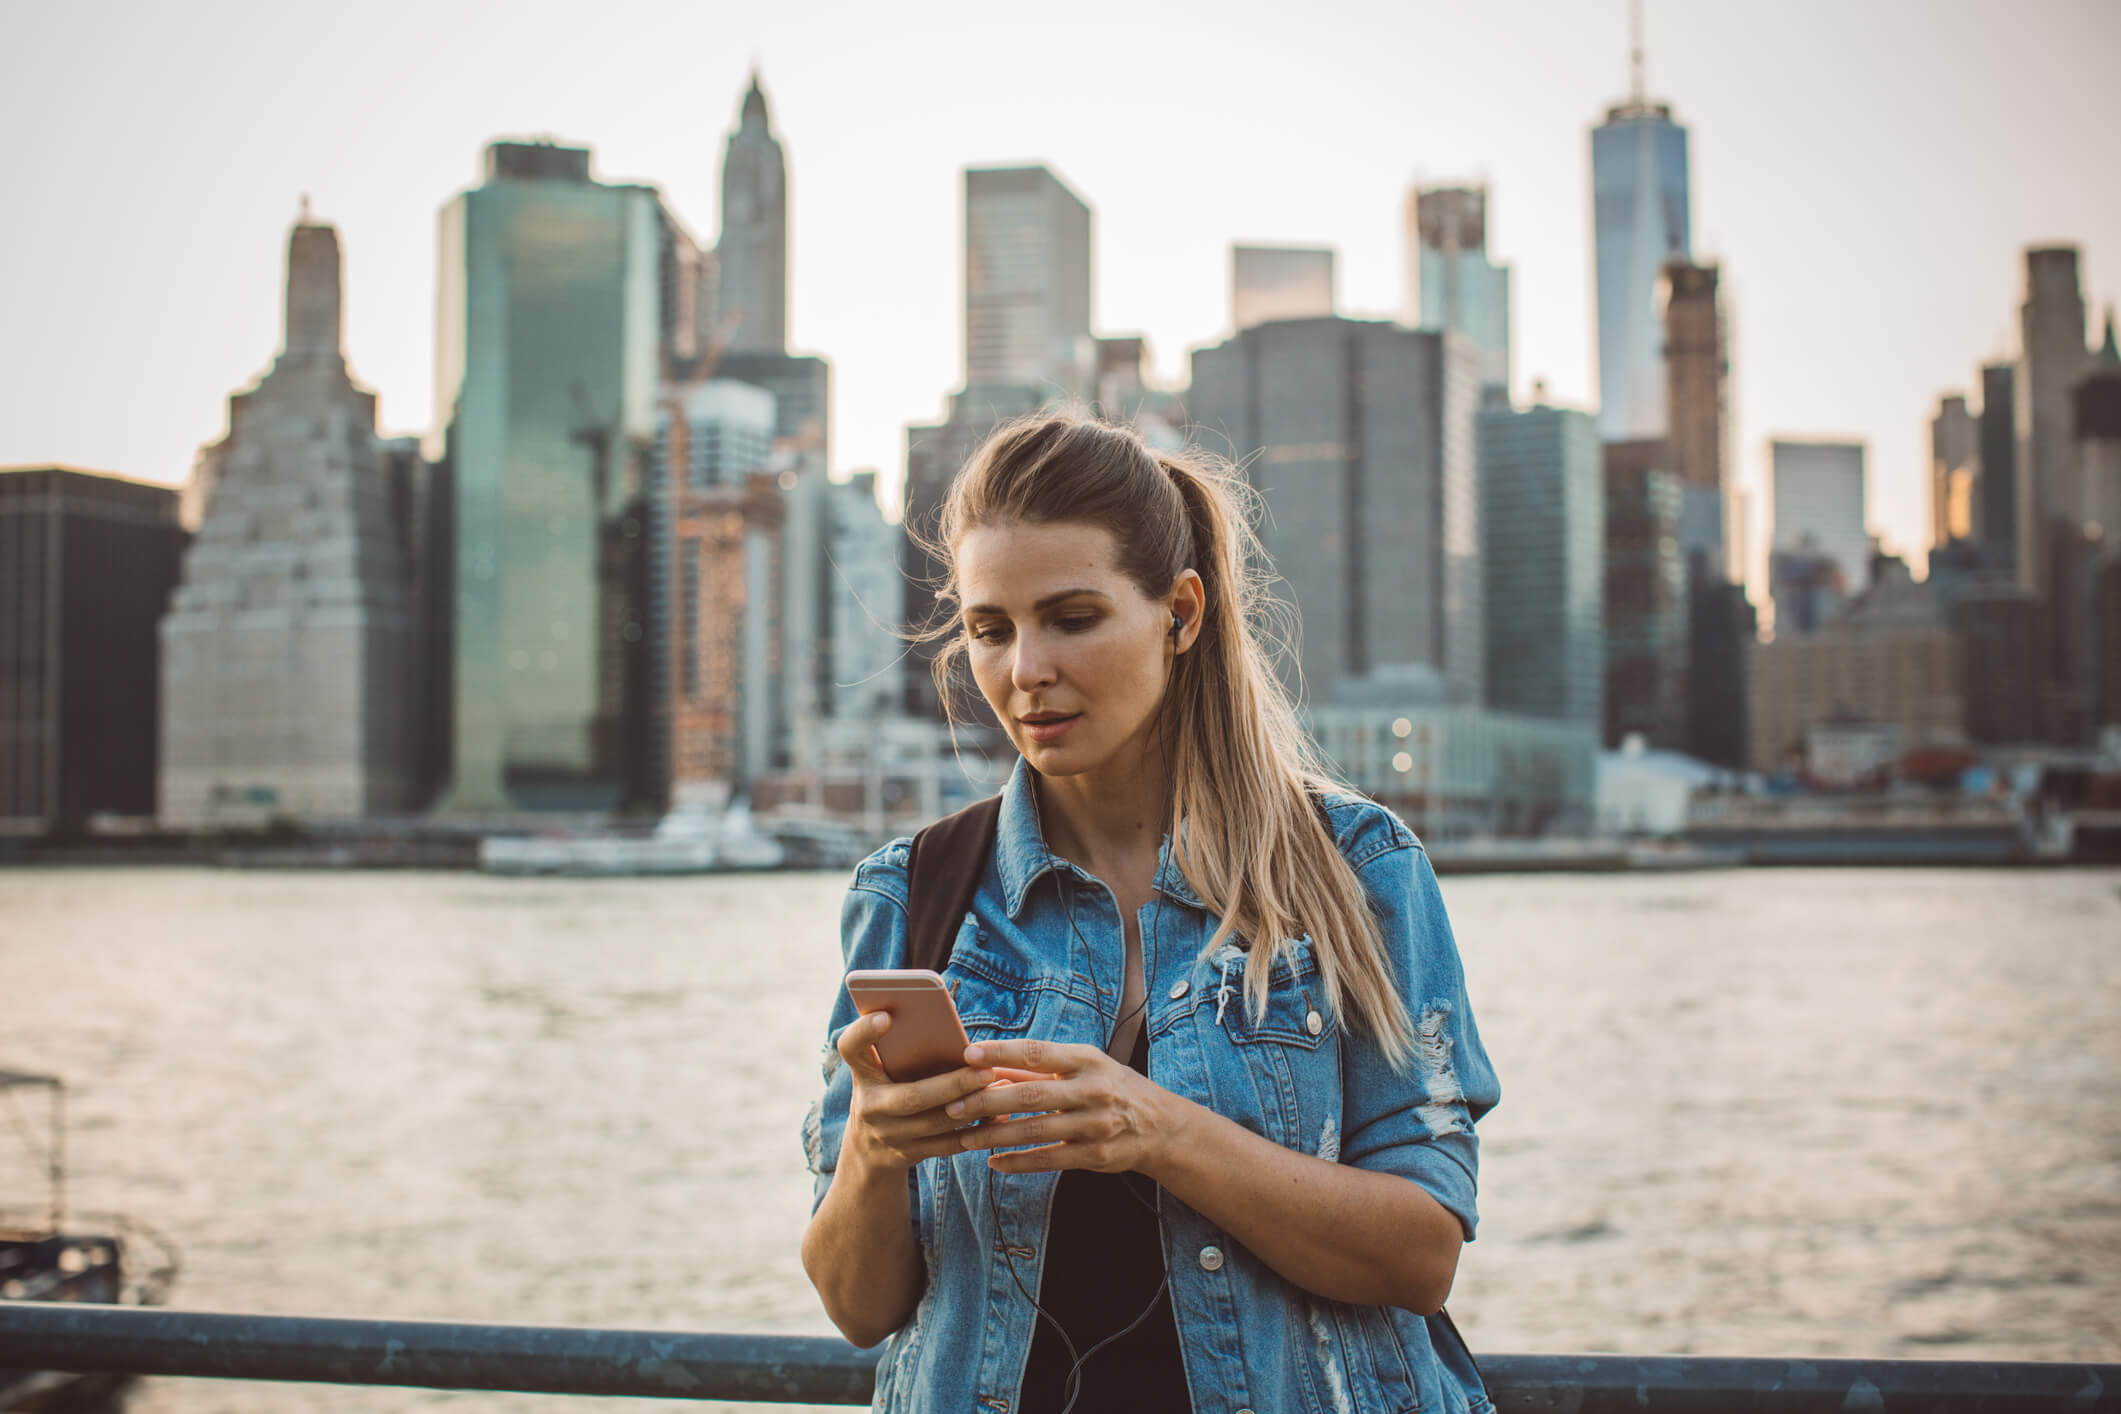 SIM-Karte USA: Eine junge Frau mit Smartphone vor der Skyline Mannhattens